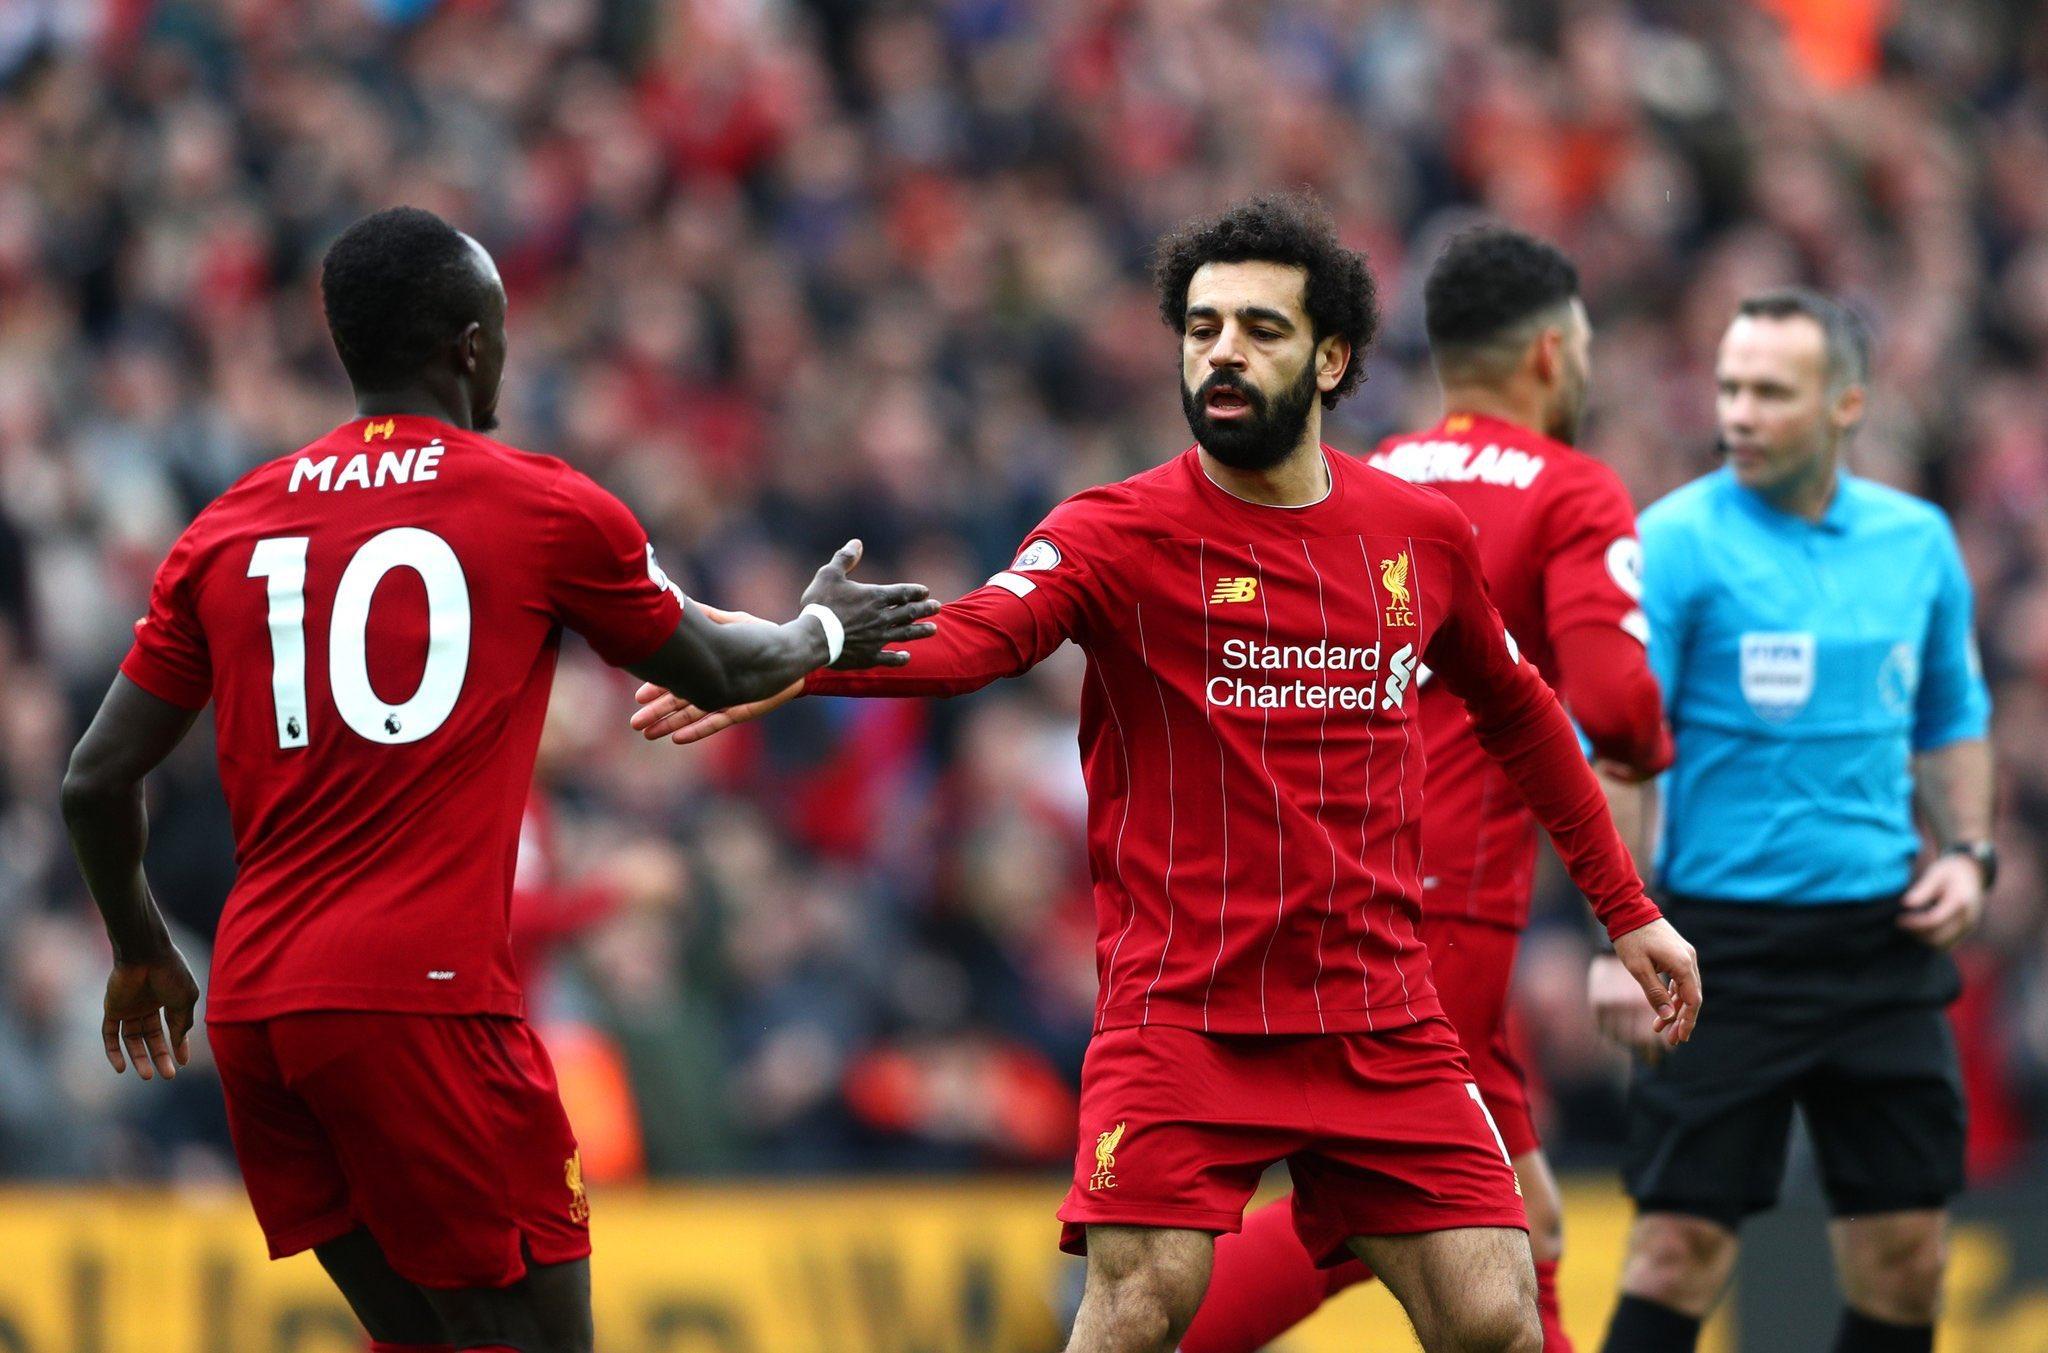 Photo of El Liverpool despierta a tiempo en vísperas de jugar contra el Atlético